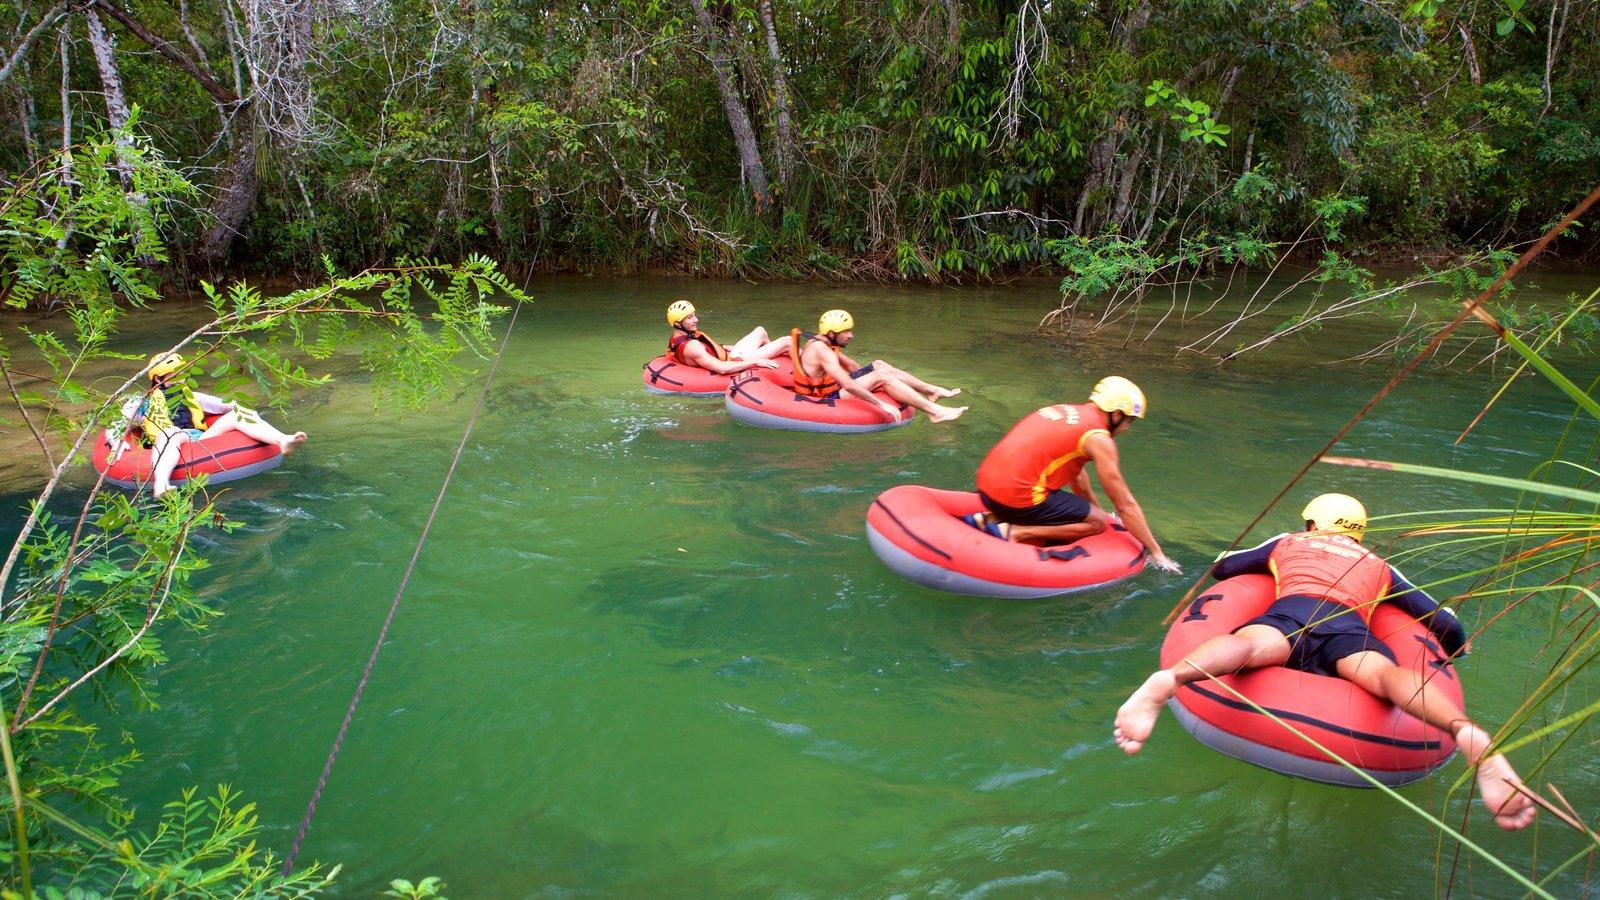 Parque Ecológico Rio Formoso que inclui esportes aquáticos, rafting e um rio ou córrego